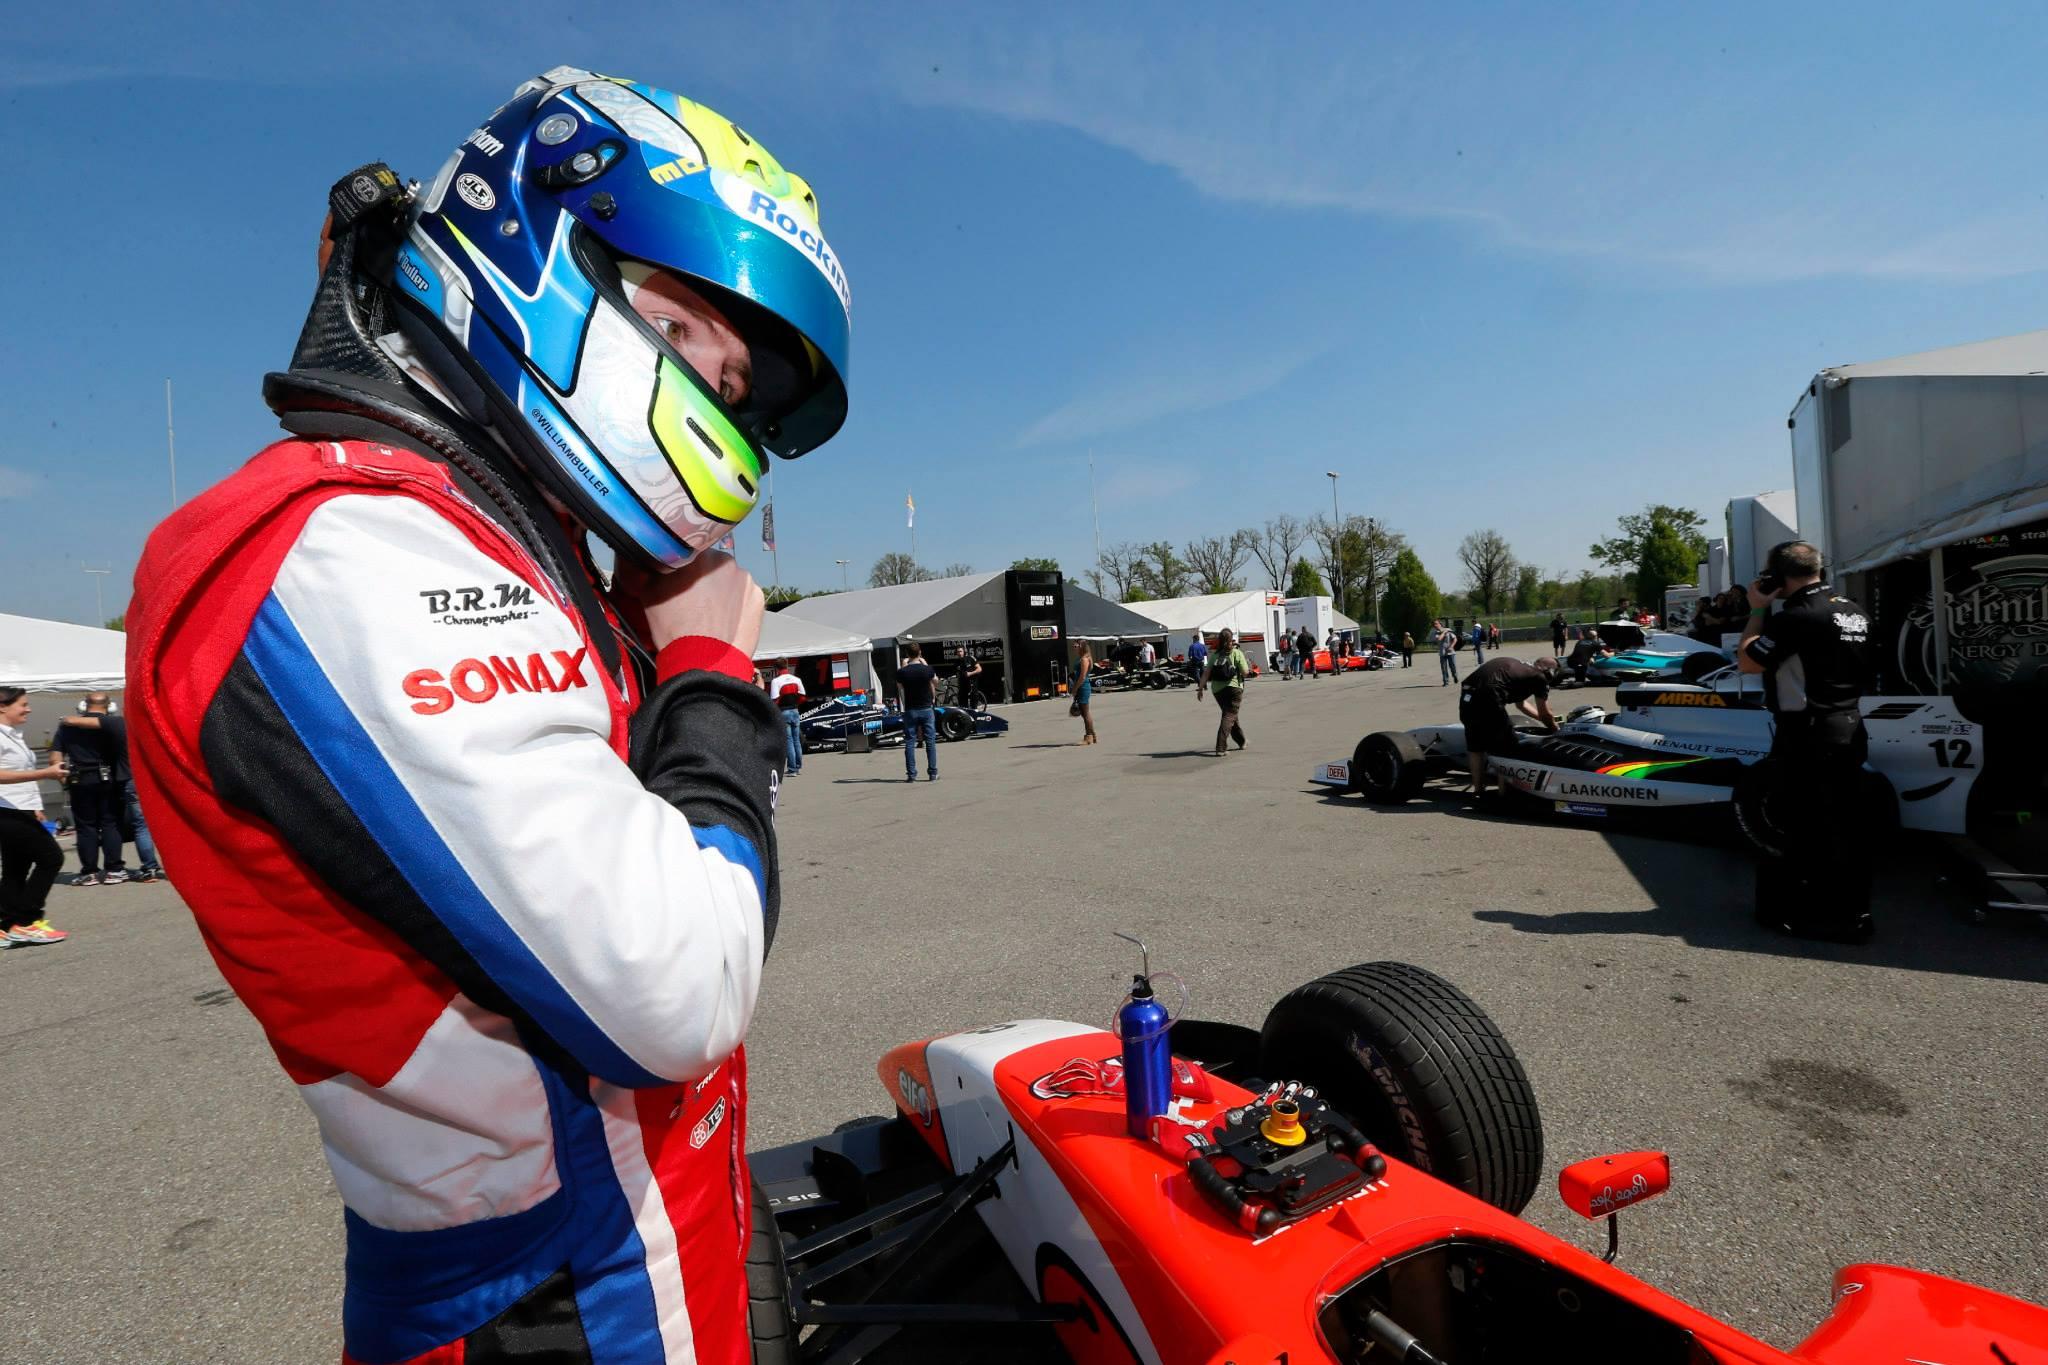 2014 Formula Renault 3.5 Series - Monza - William Buller